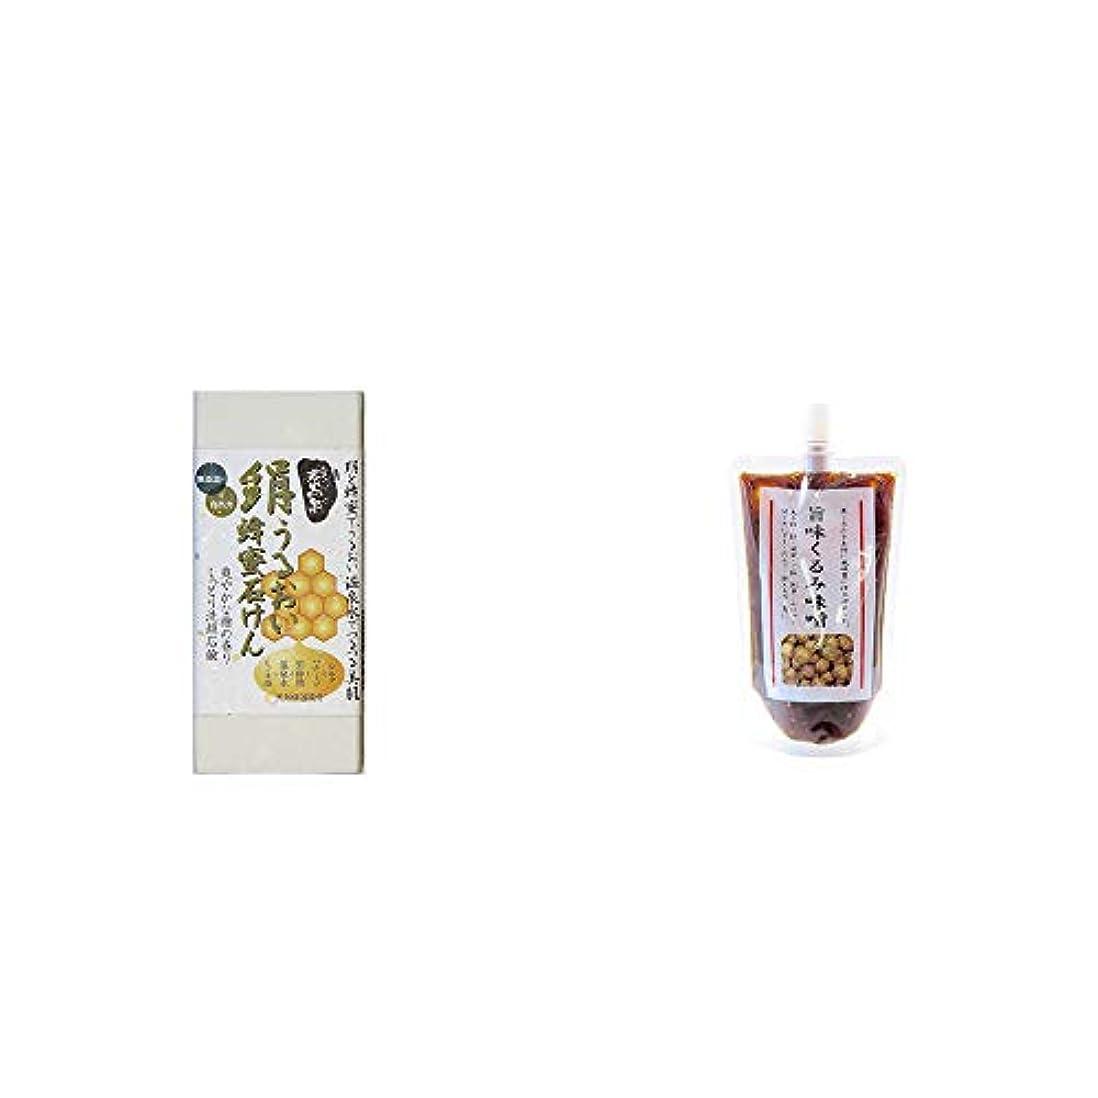 オペラ高層ビル類似性[2点セット] ひのき炭黒泉 絹うるおい蜂蜜石けん(75g×2)?旨味くるみ味噌(260g)